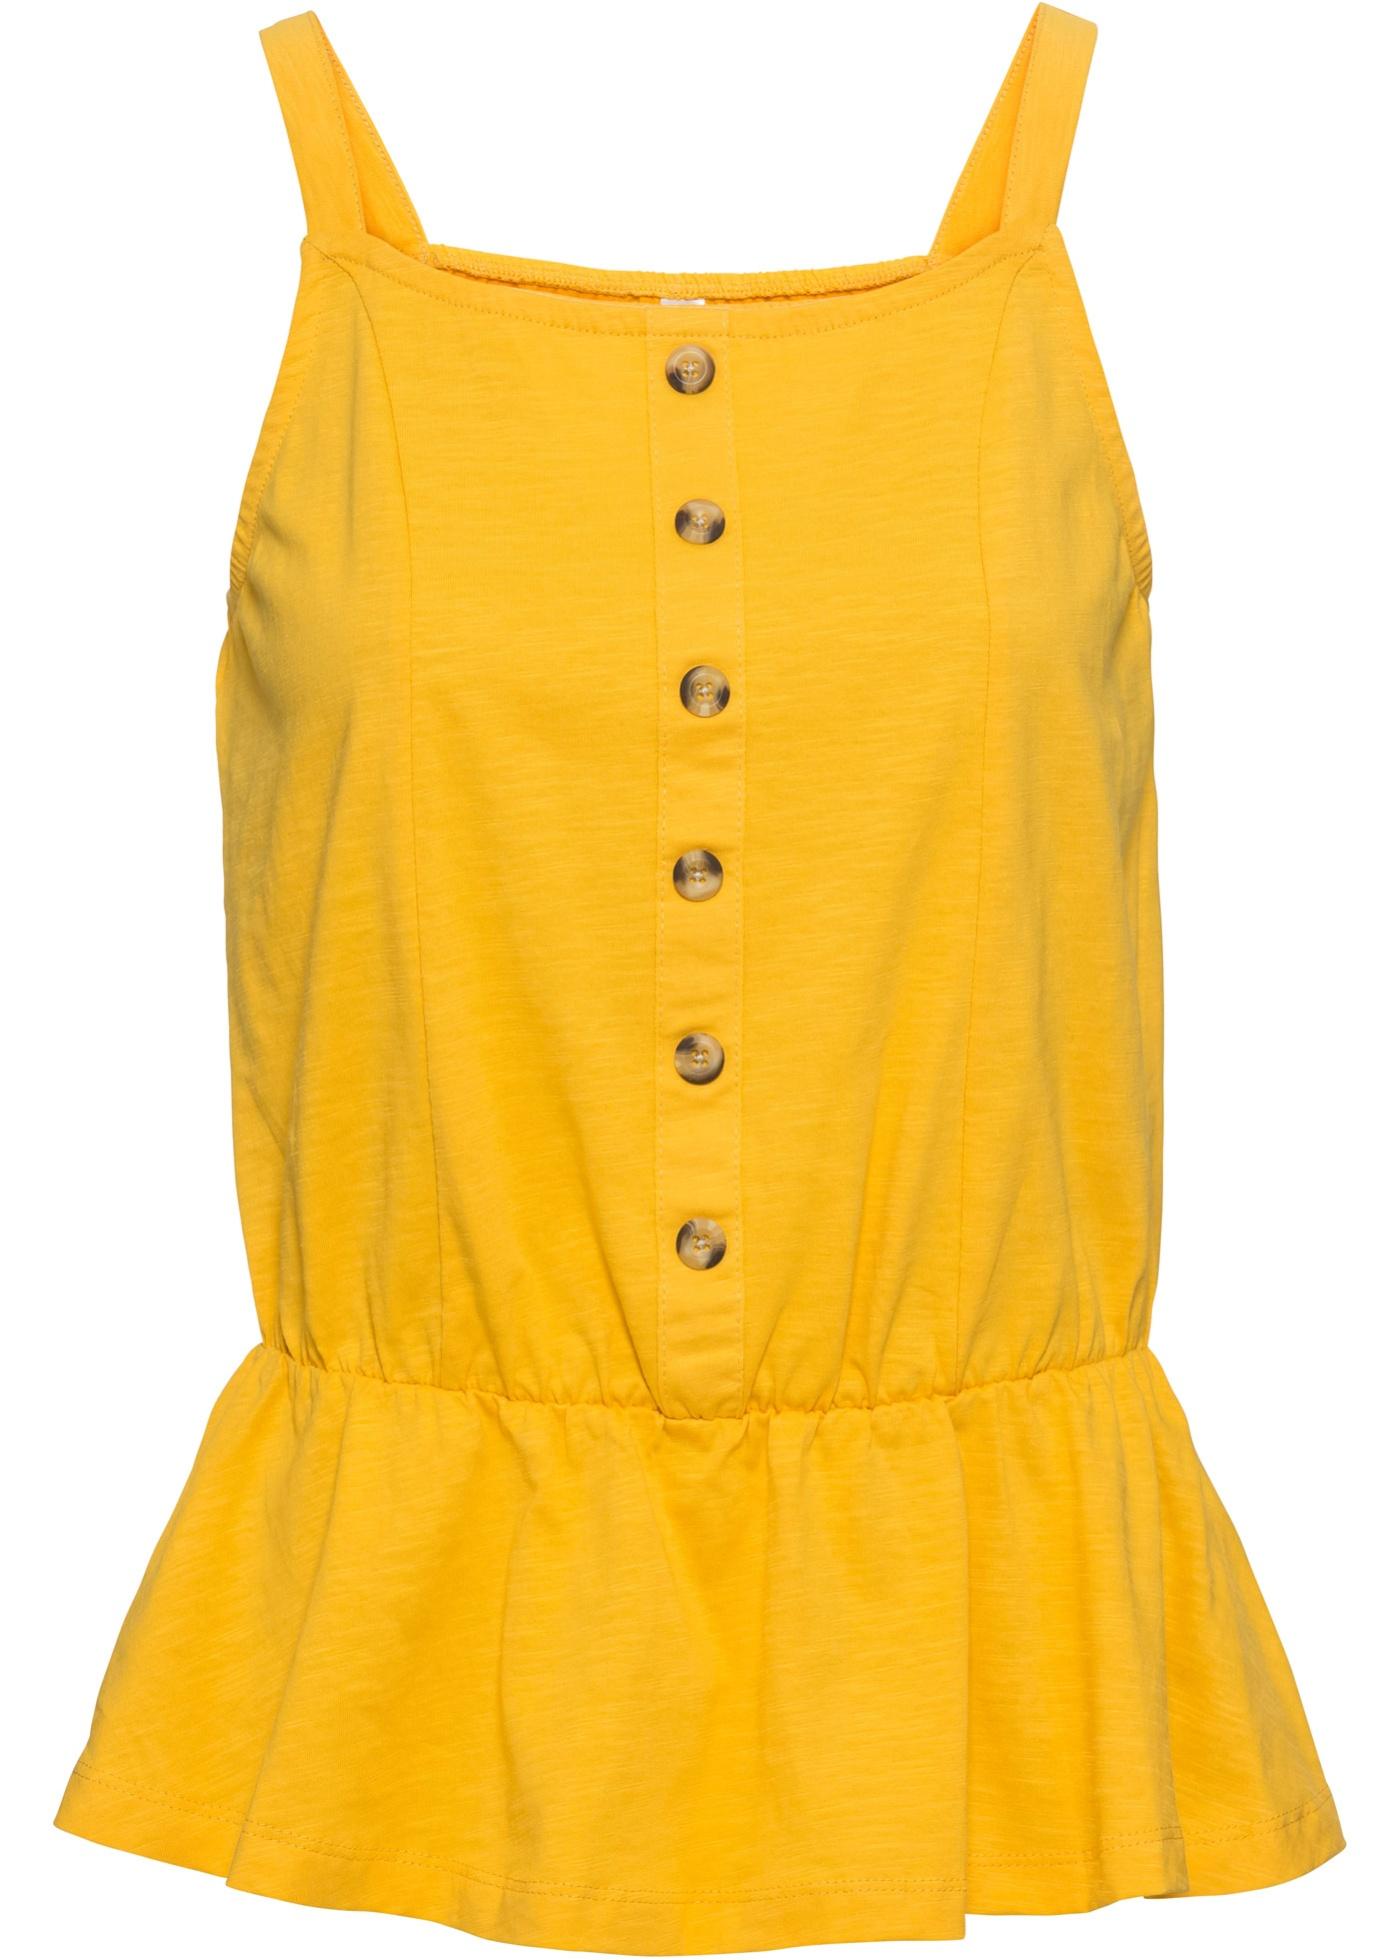 À Sans Jaune BonprixT shirt De Boutonnage Rainbow Femme Patte Pour Manches R4AqL35j